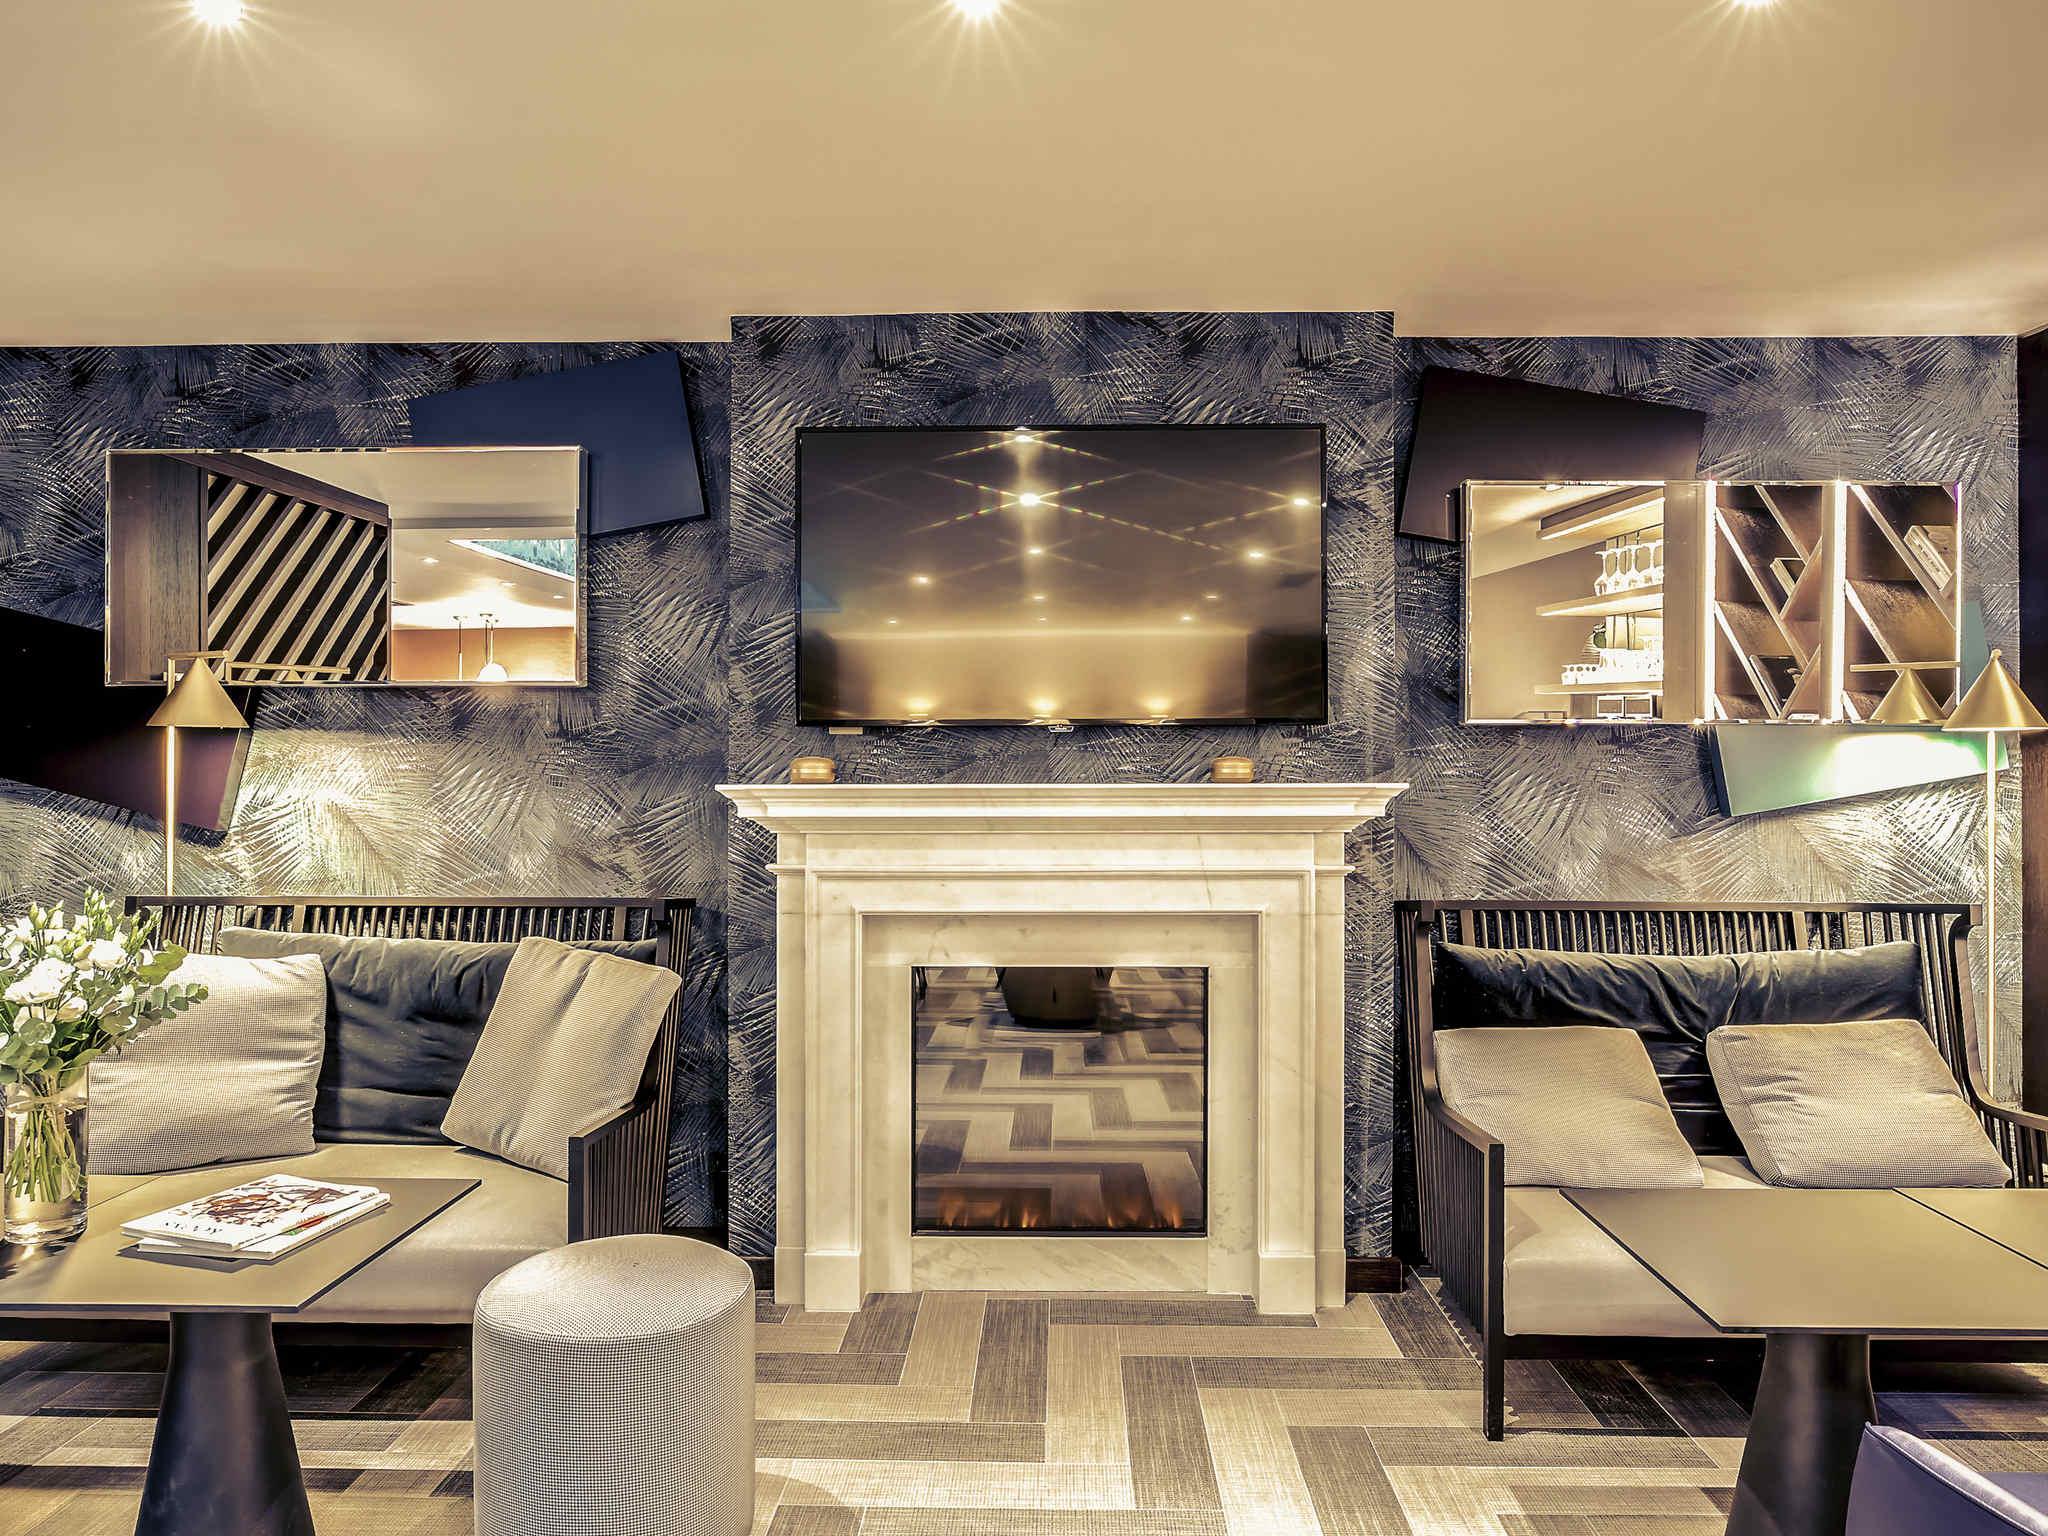 โรงแรม – โรงแรมเมอร์เคียว ปารีส อาร์ค เดอ ทรียงฟ์ เอตวล